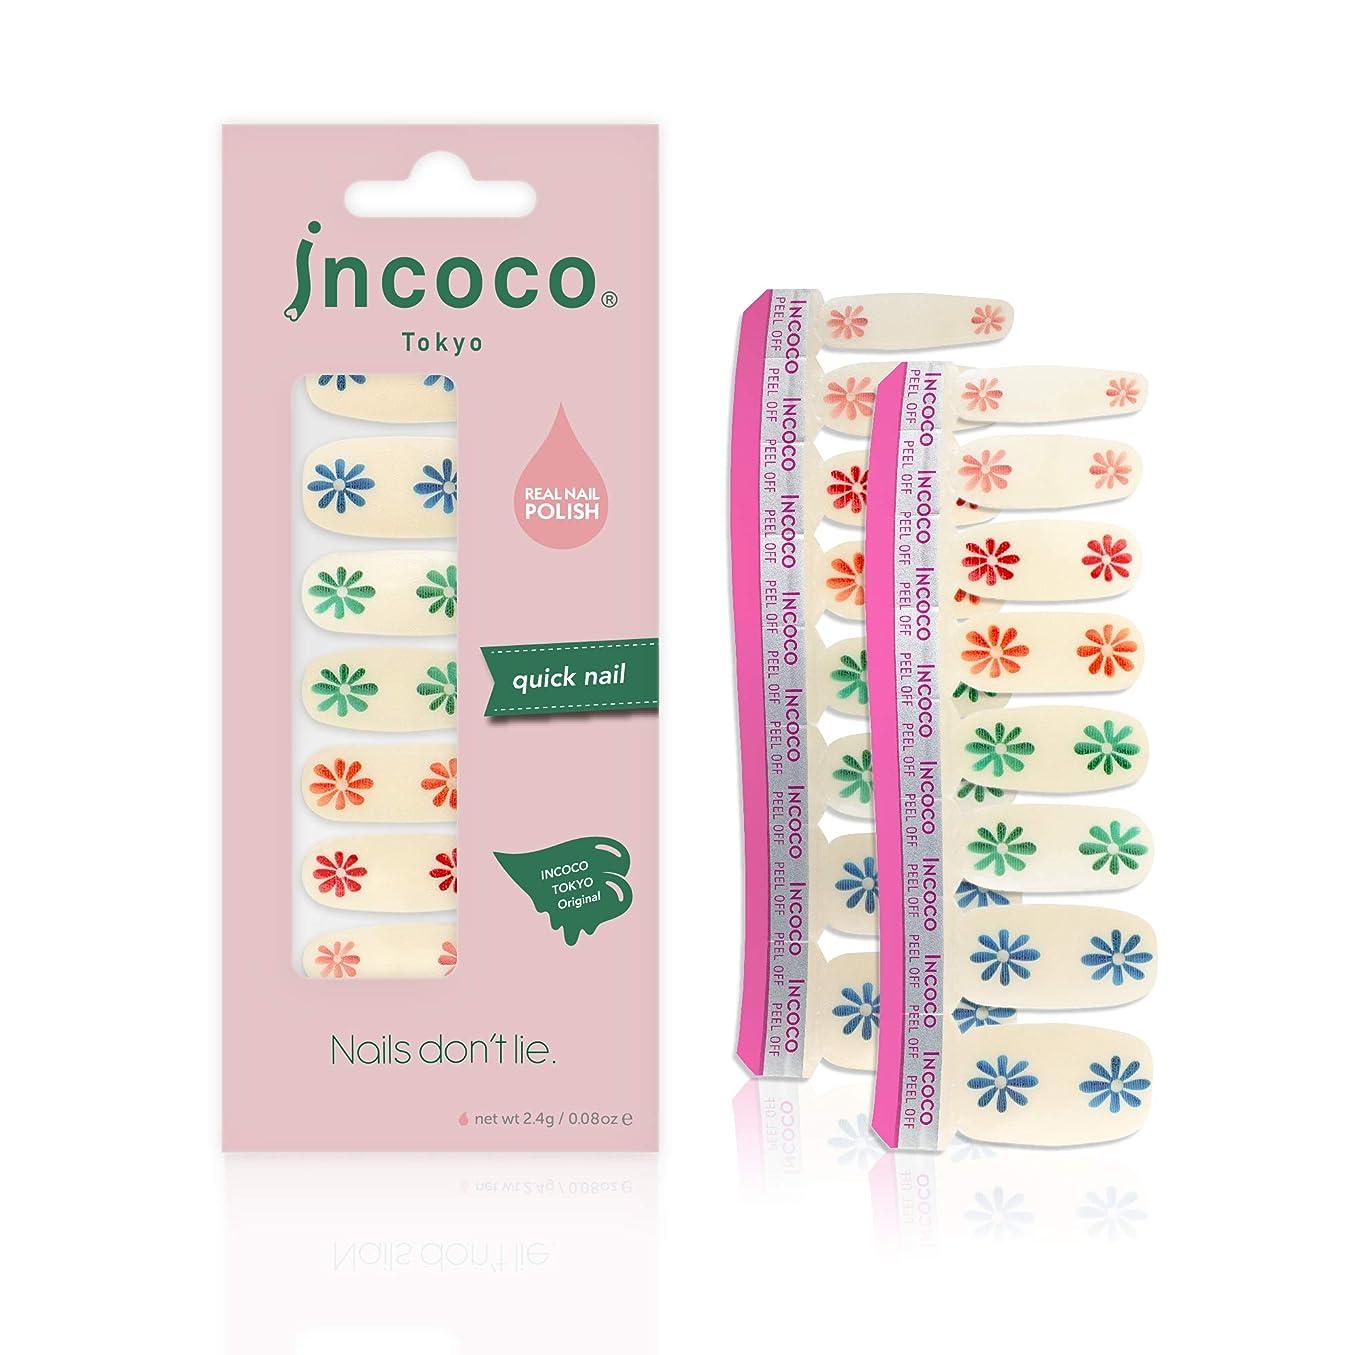 感心する限り人質インココ トーキョー 「ブルーミング フラワー」 (Blooming Flowers)